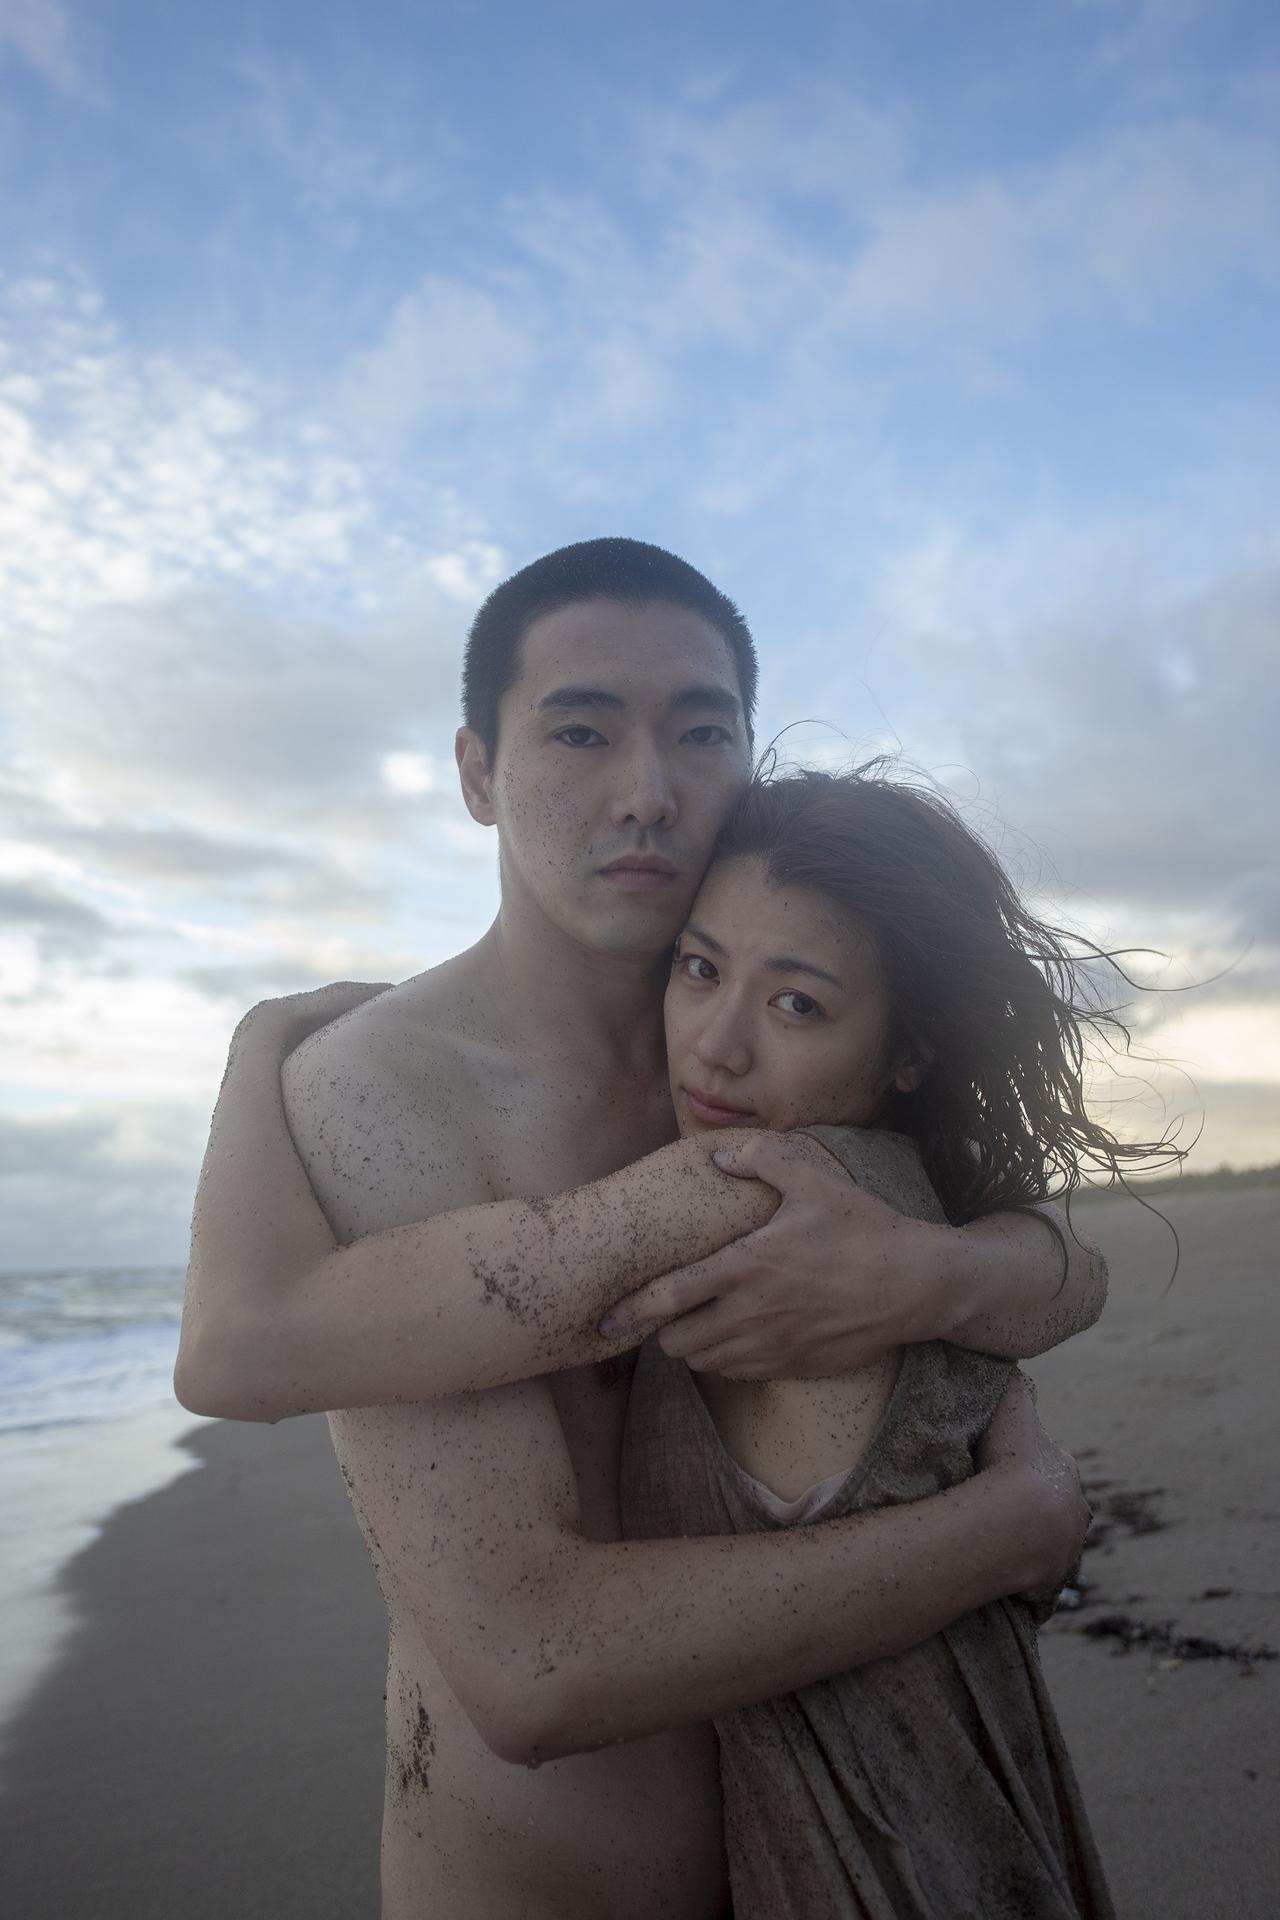 画像2: anan 誌面掲載ビジュアル 撮影・野村佐紀子